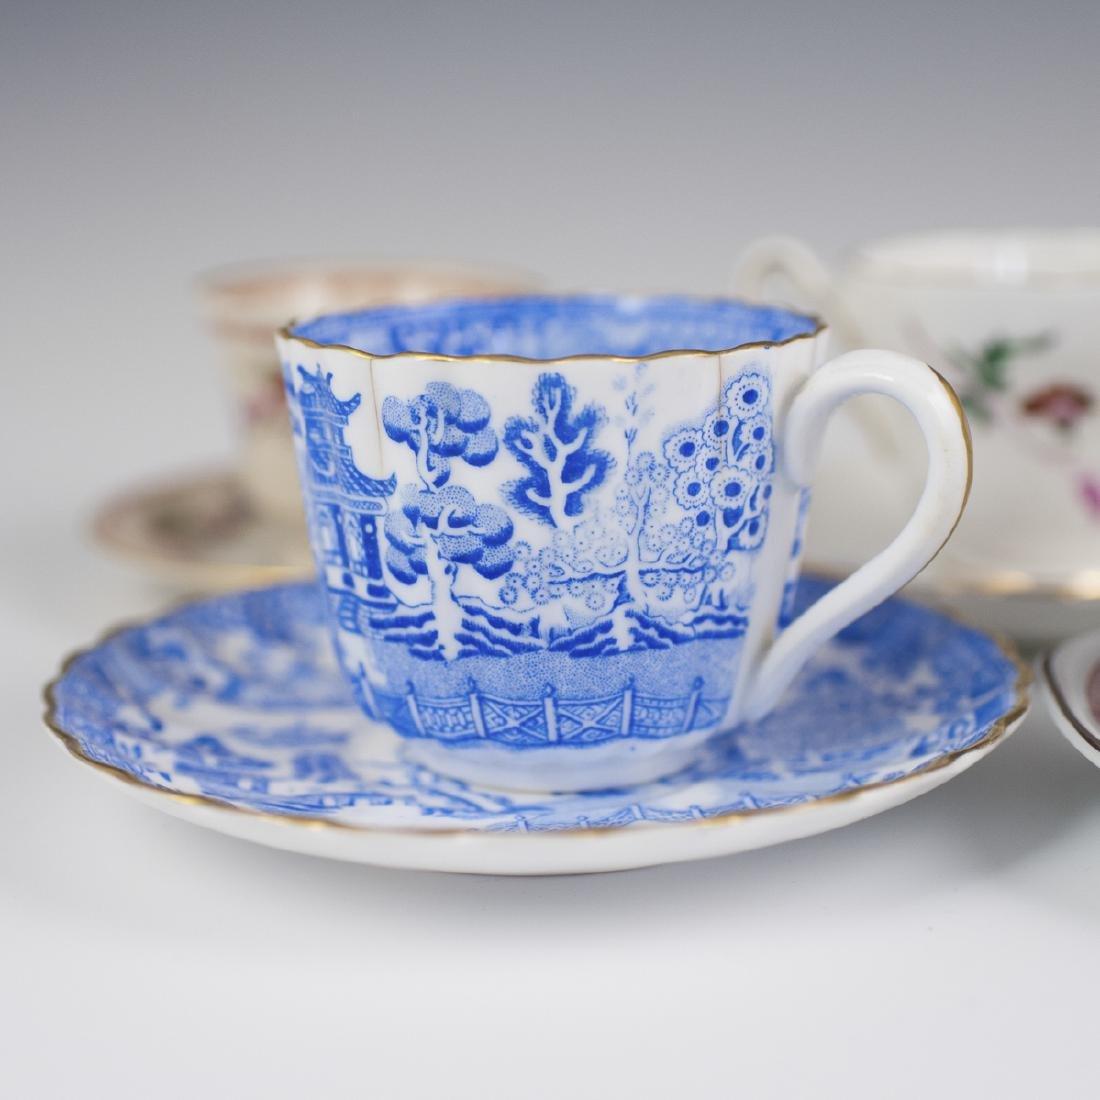 Vintage Porcelain Demitasse Cups - 5